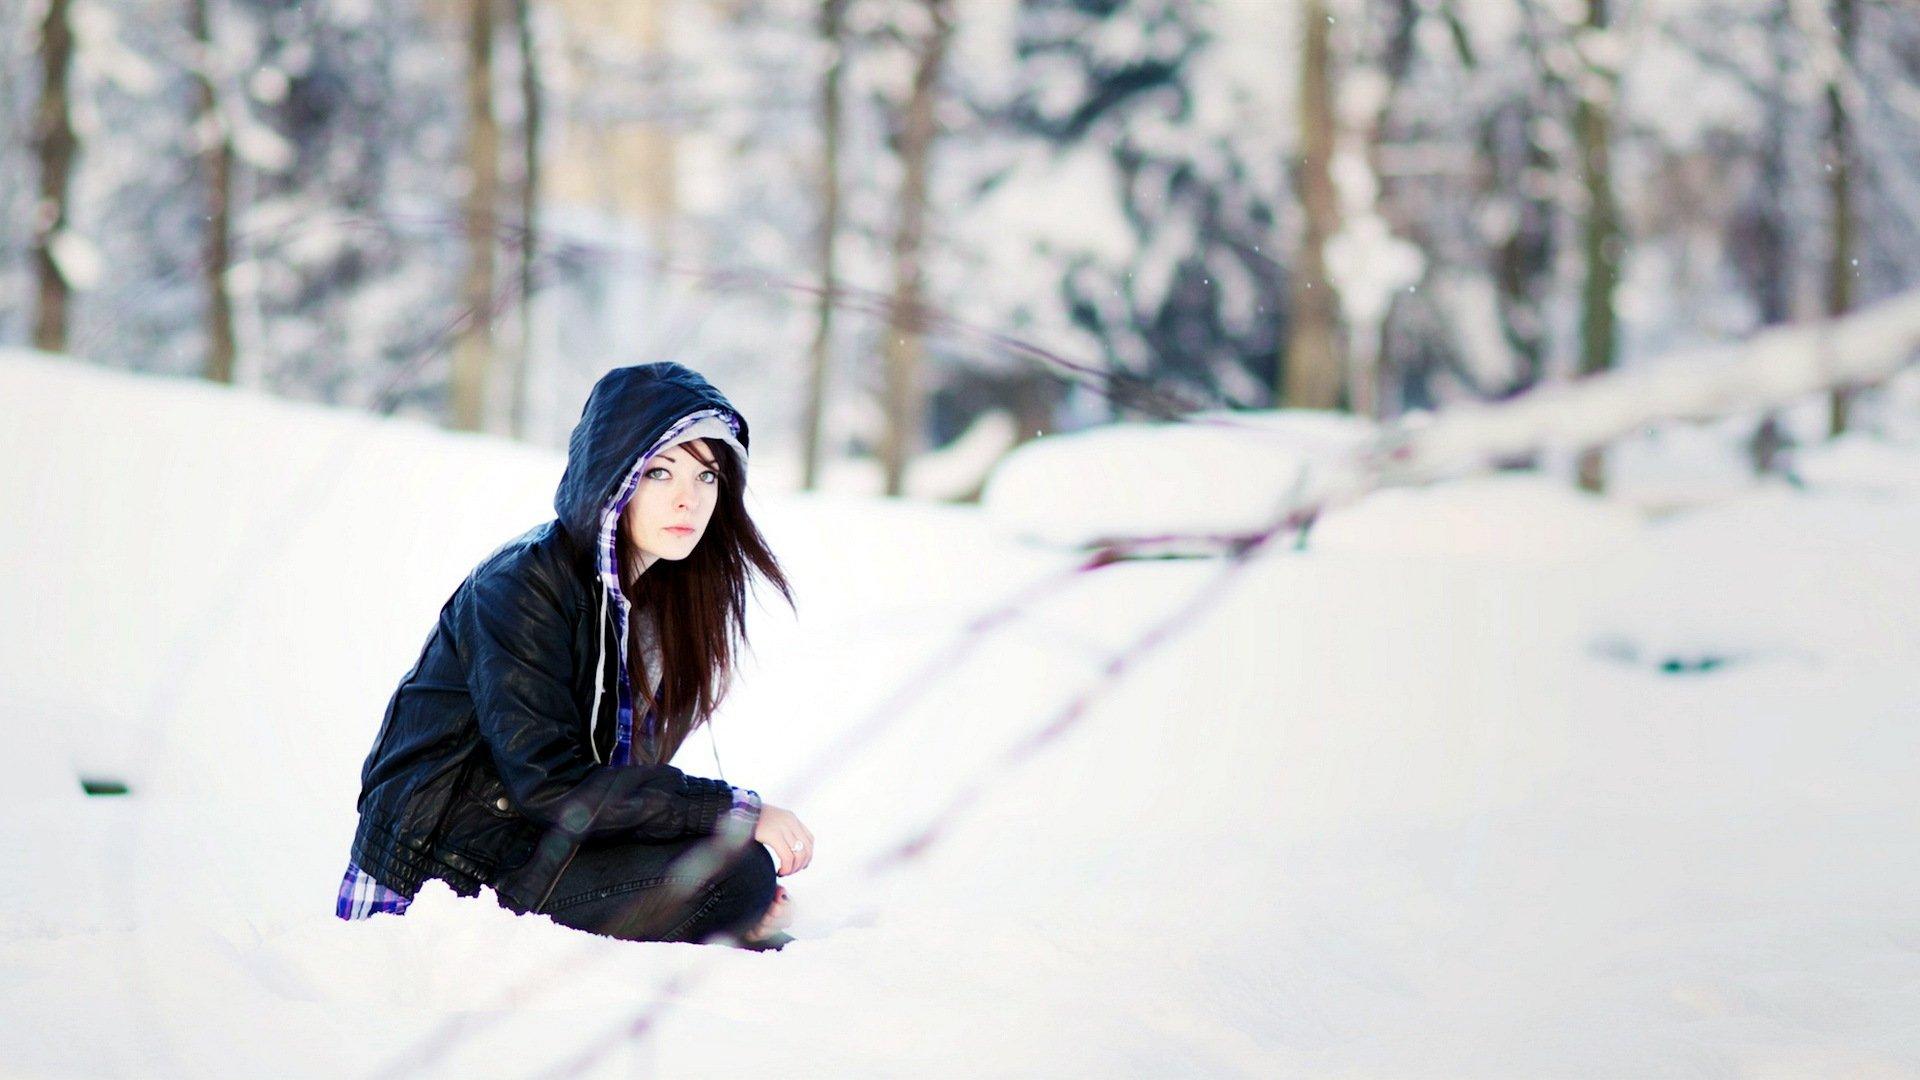 Молодые фото девушек на зимнем улице сзади брюнеток с одеждой подвез русскую